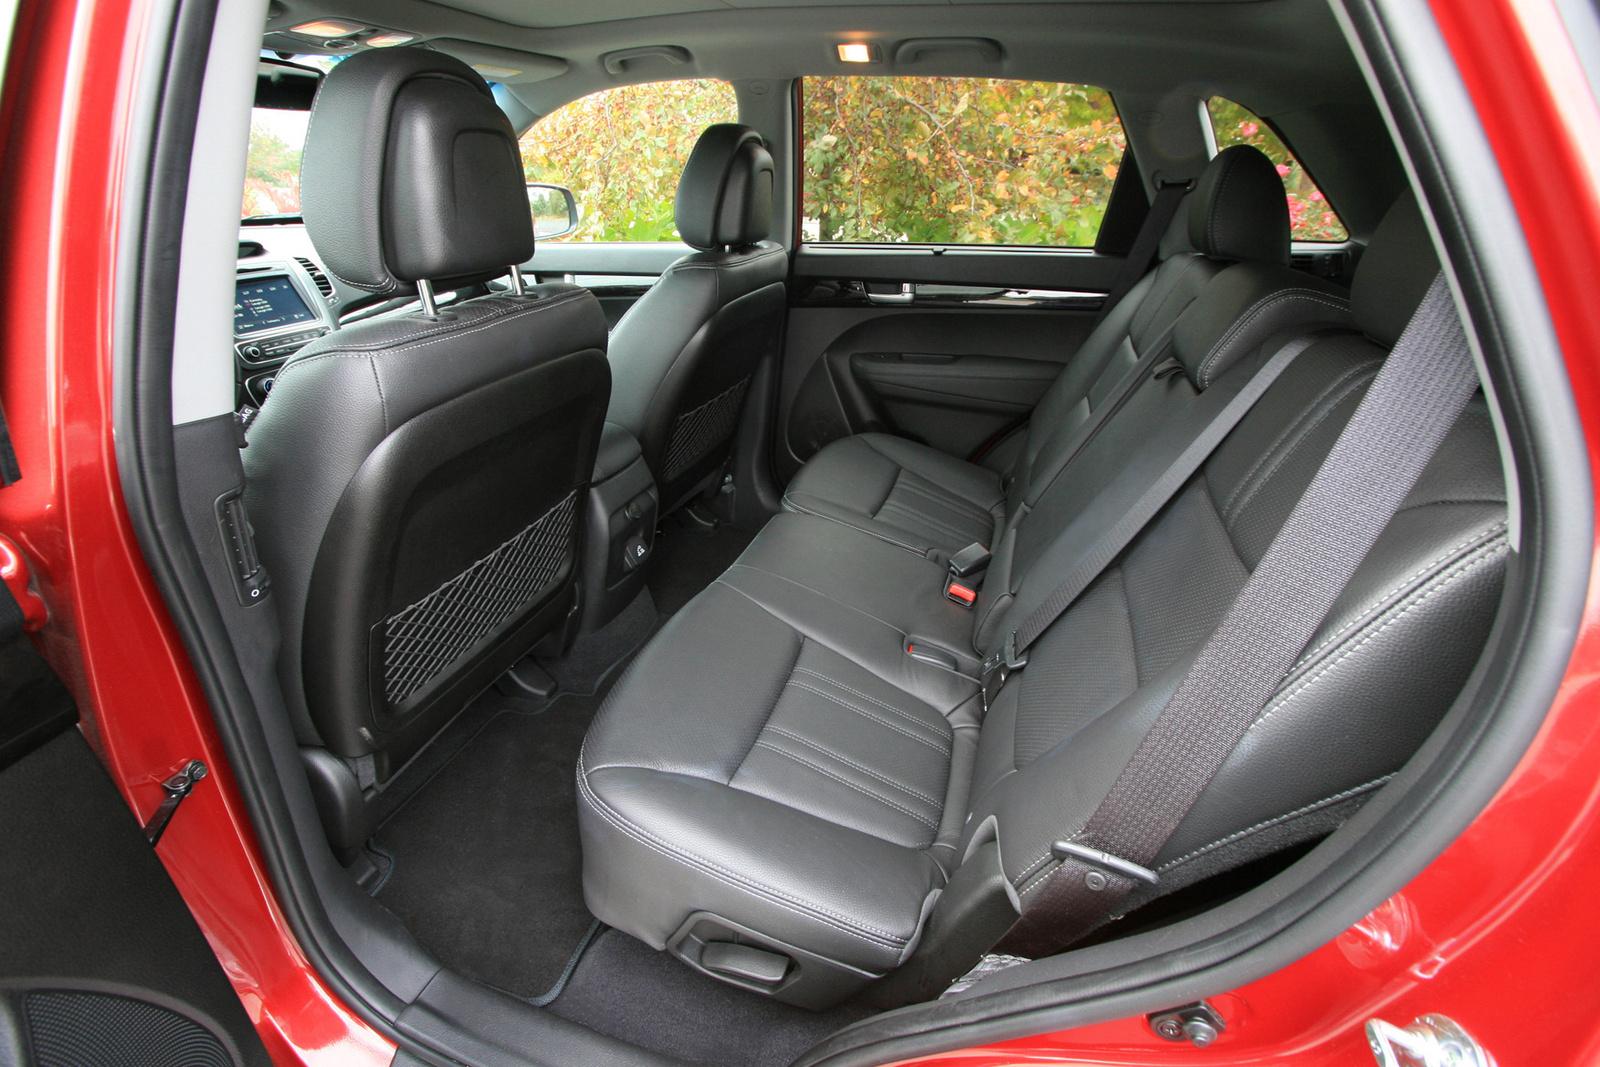 2014 Kia Sorento Sx Awd Second Row Seat Interior